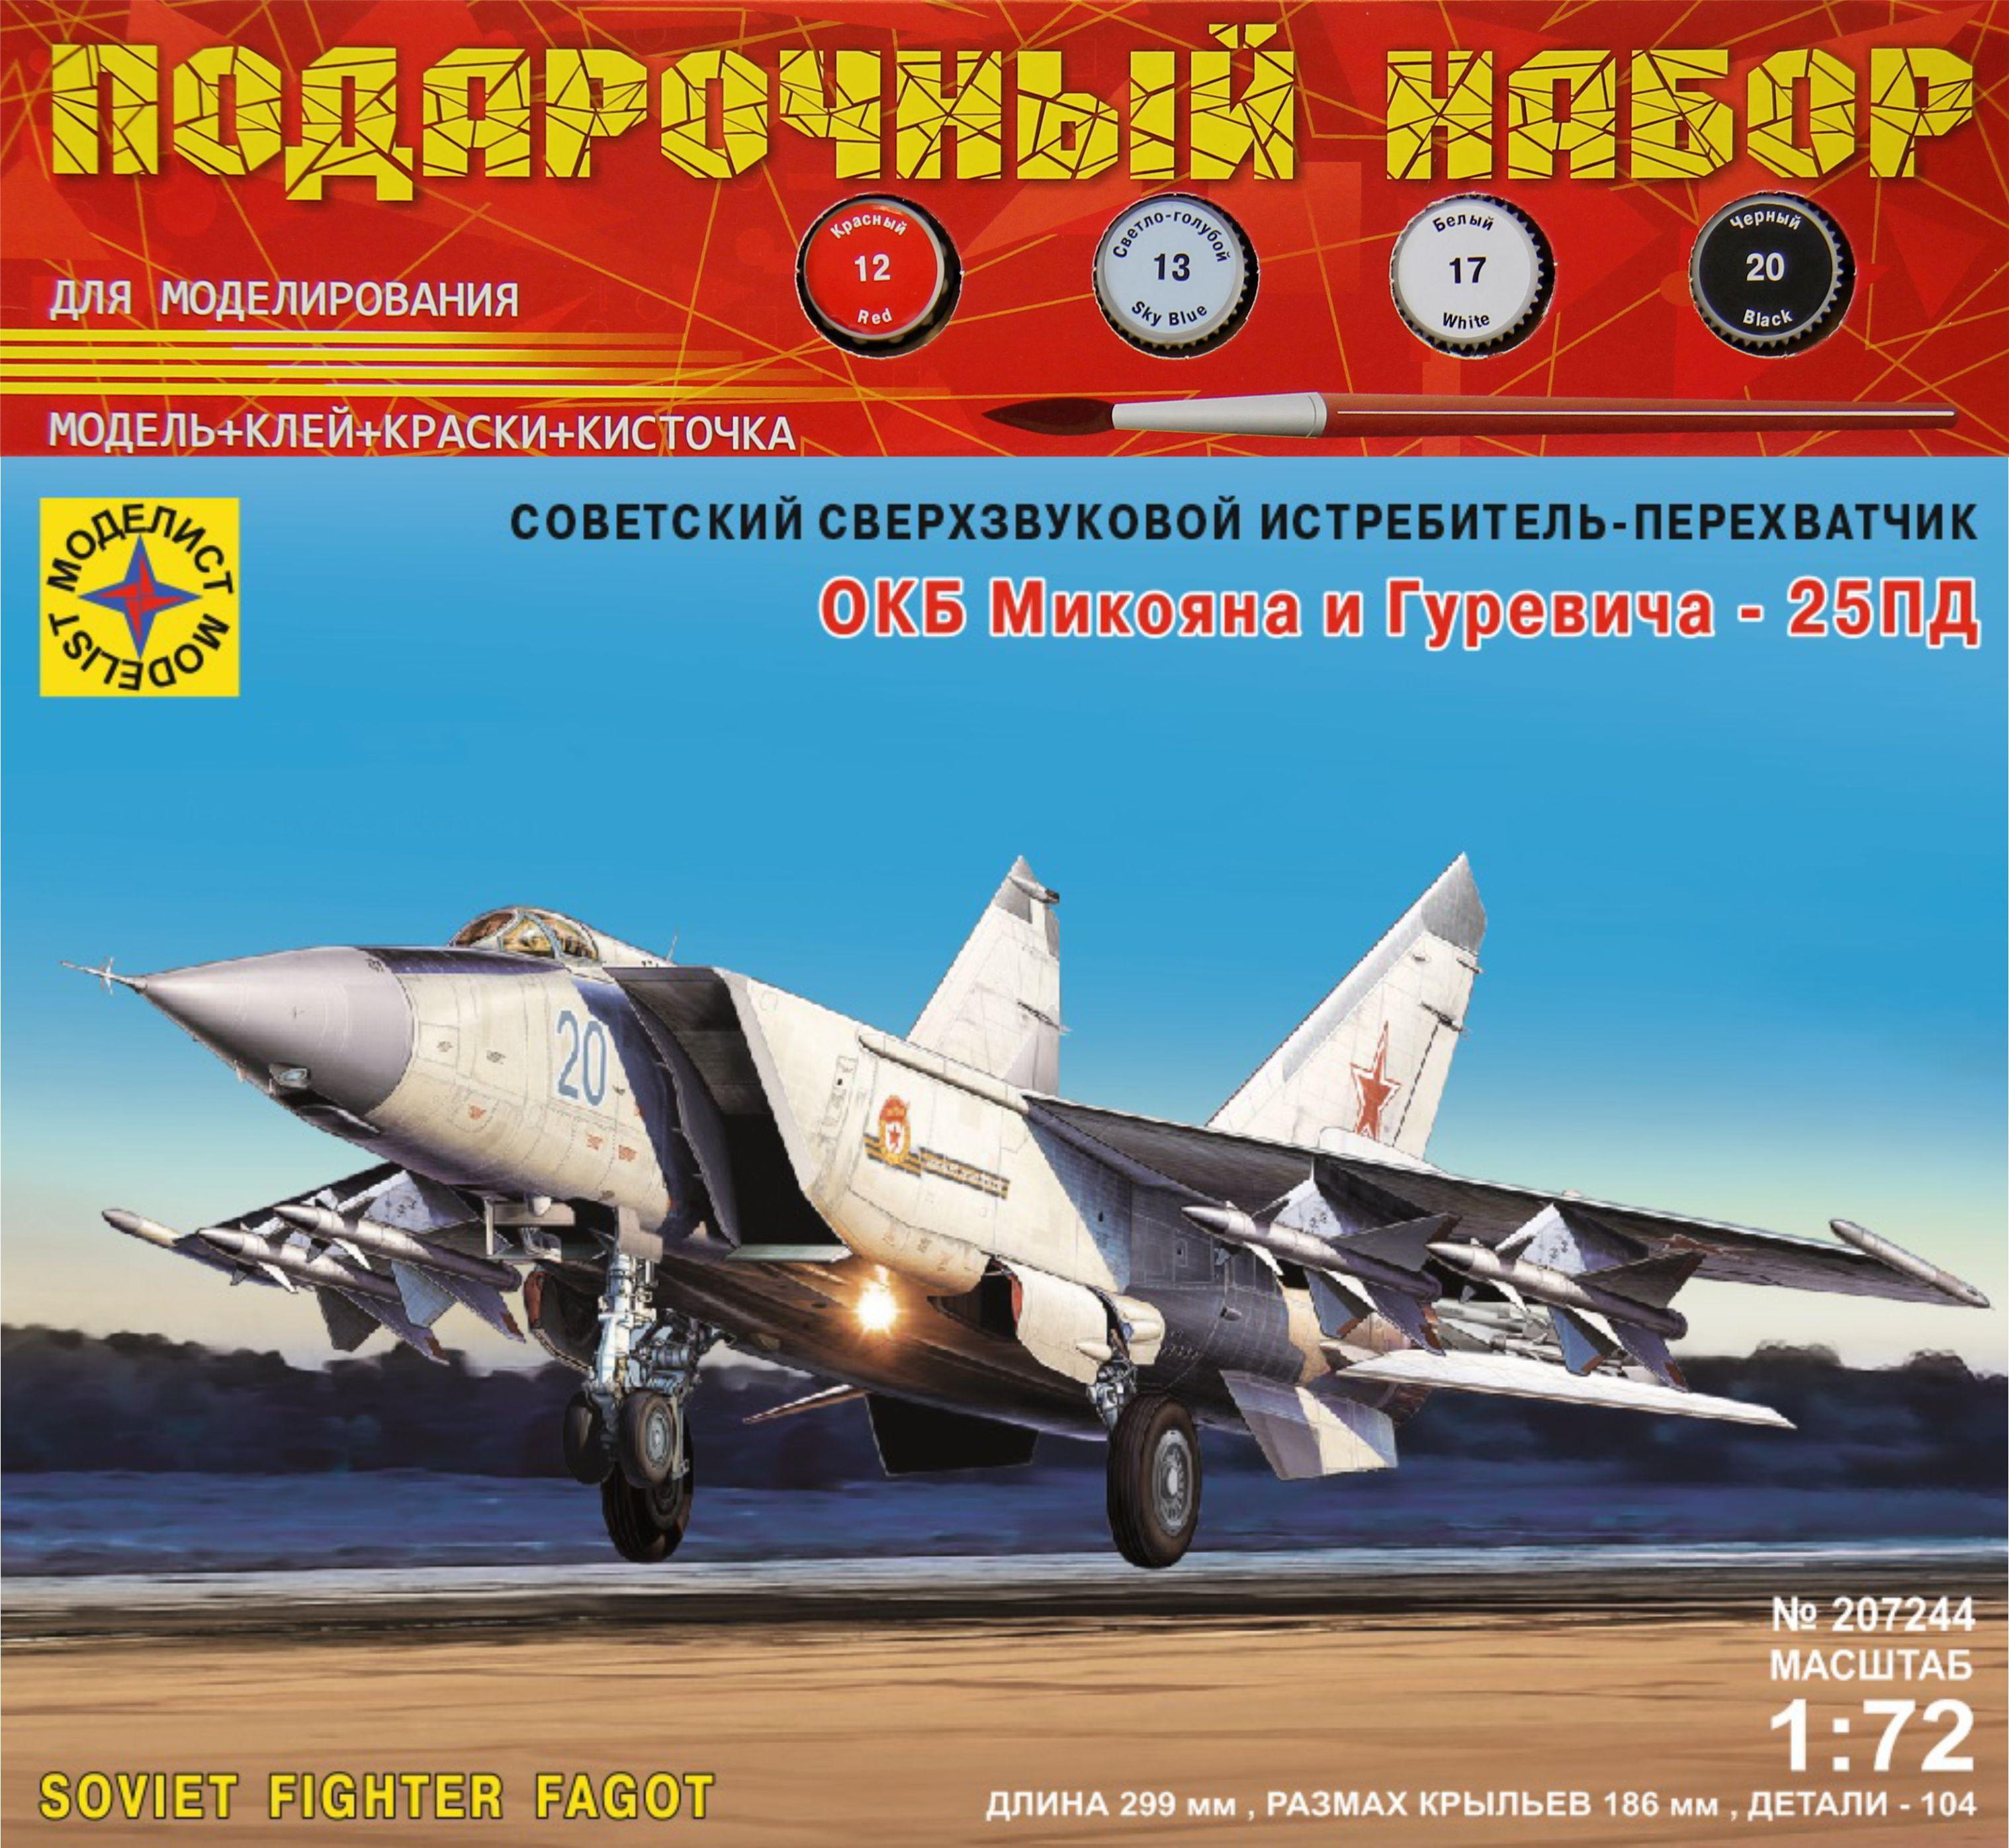 Сборная модель Советский сверхзвуковой истребитель-перехватчик ОКБ Микояна и Гуревича - 25ПД 1:72